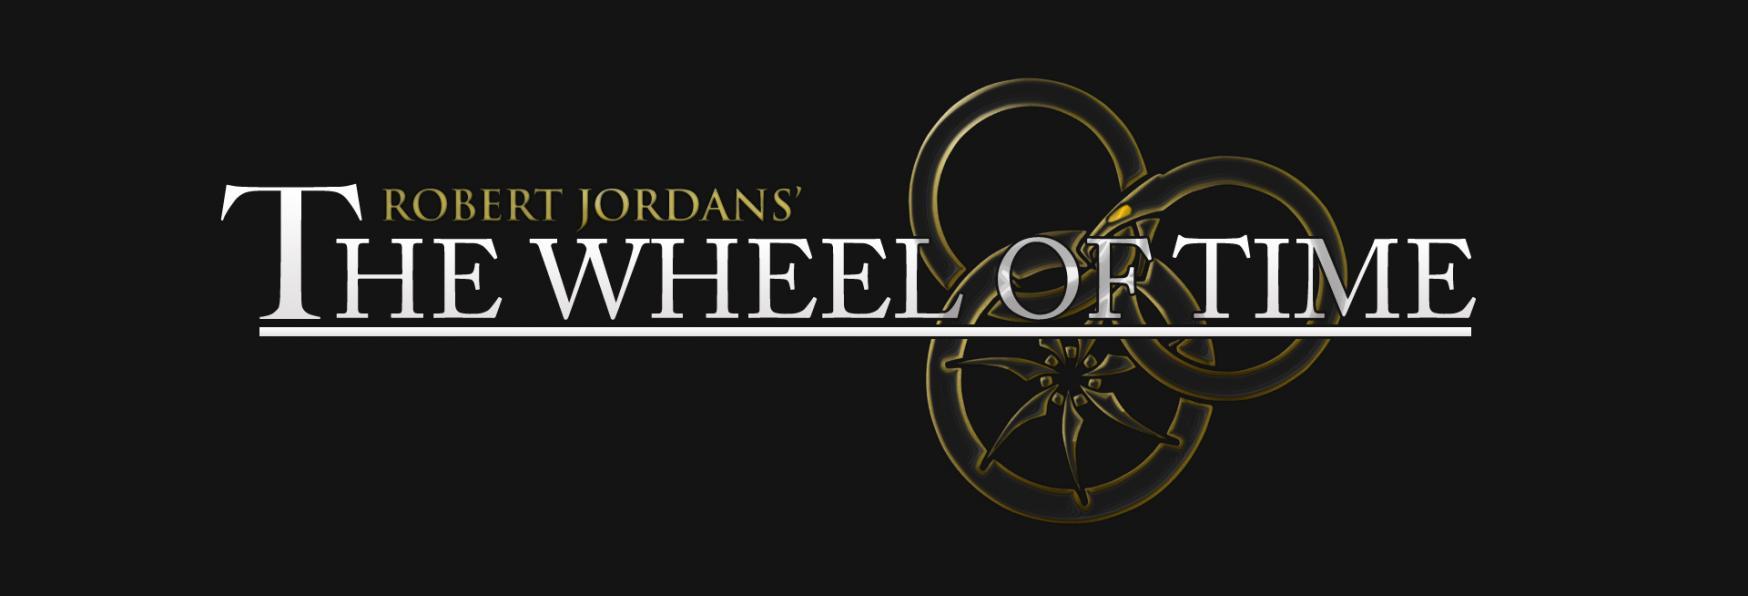 The Wheel of Time: Amazon Prime Video annuncia il Mese di Uscita della nuova Serie TV